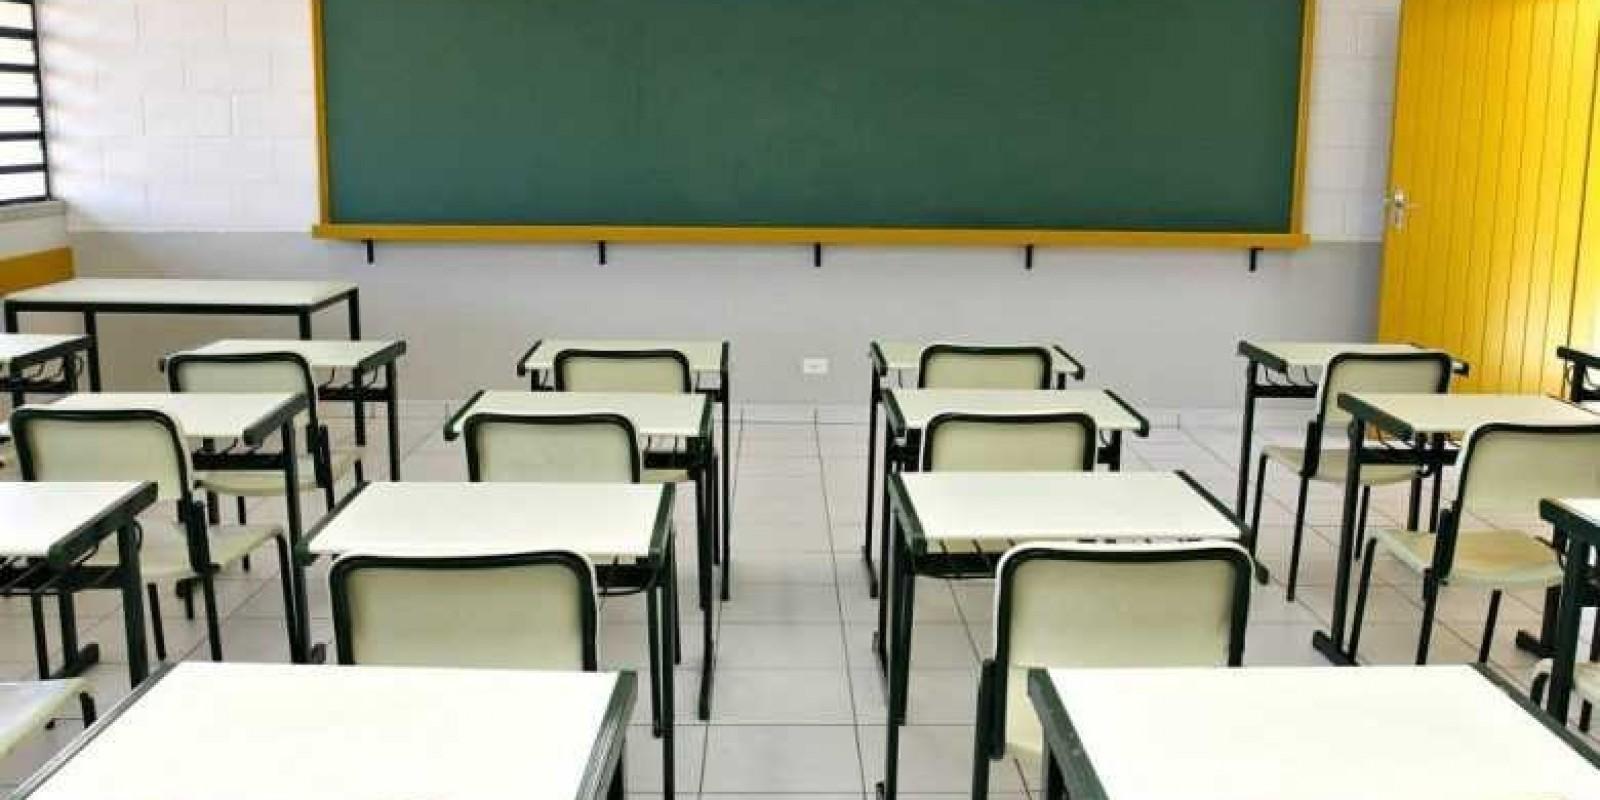 Com mais de quatro meses de aulas presenciais suspensas, como fica o ano letivo?